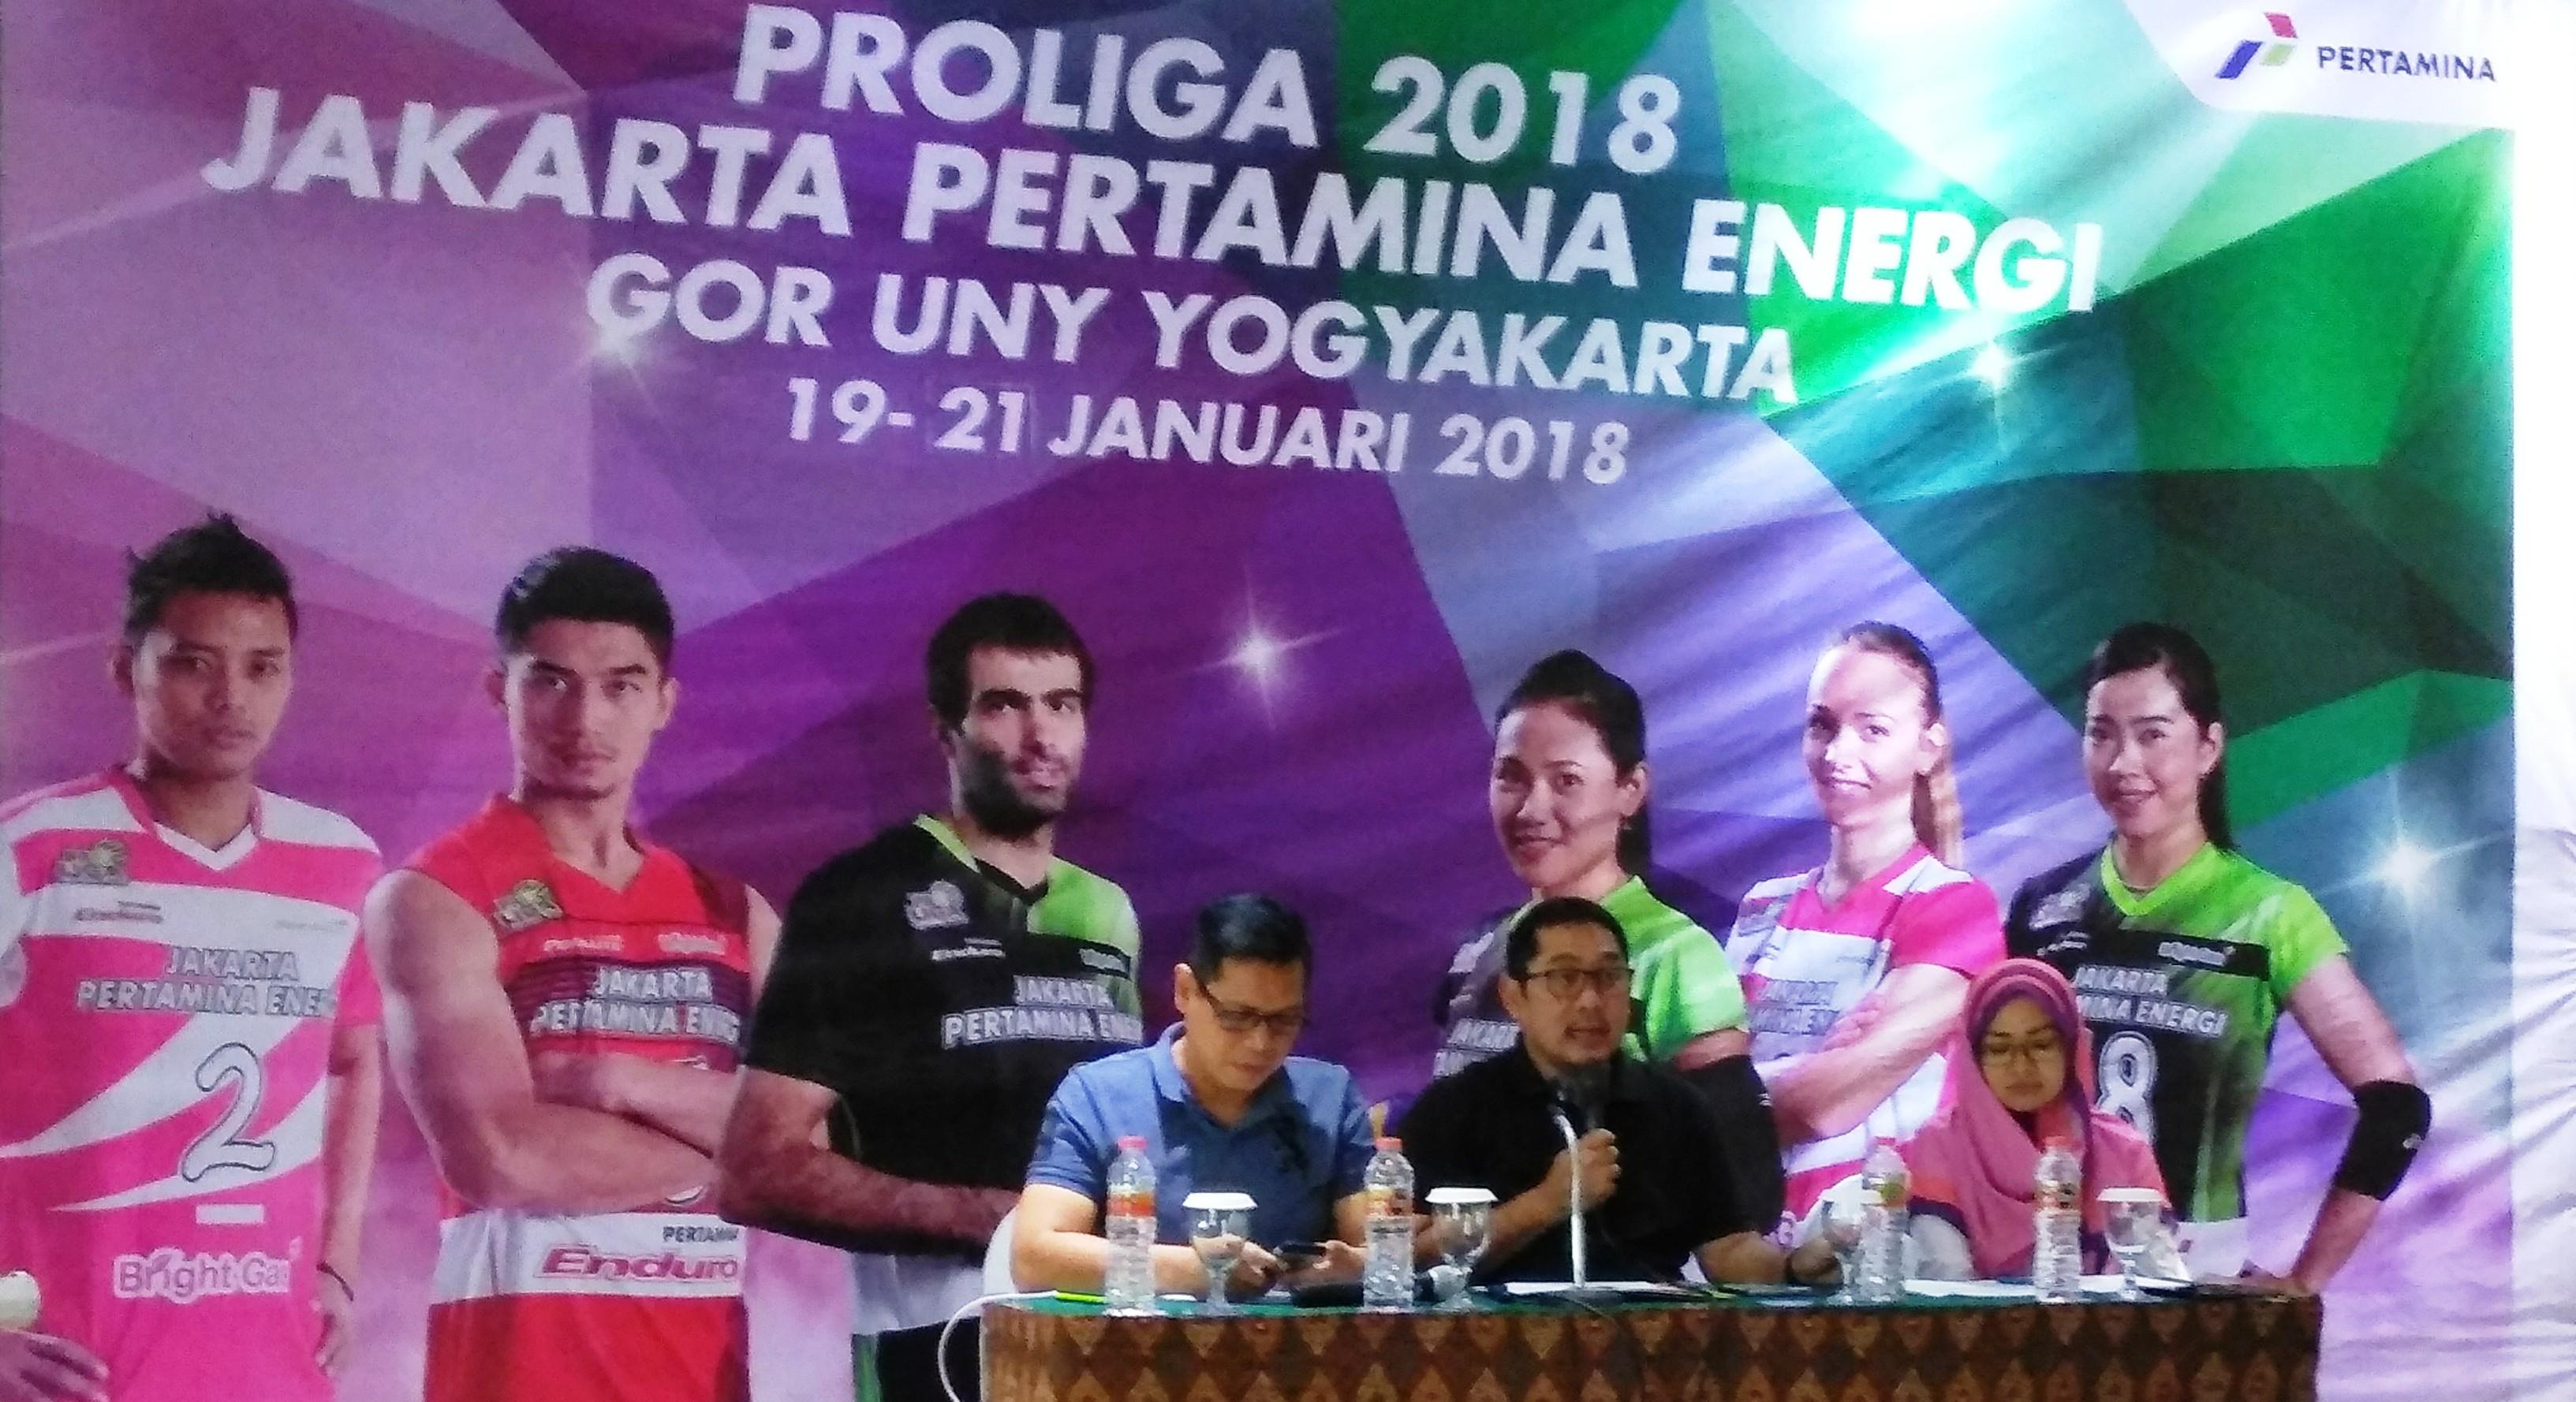 Pekan Depan, Putaran 1 Proliga 2018 Dihelat di Yogyakarta